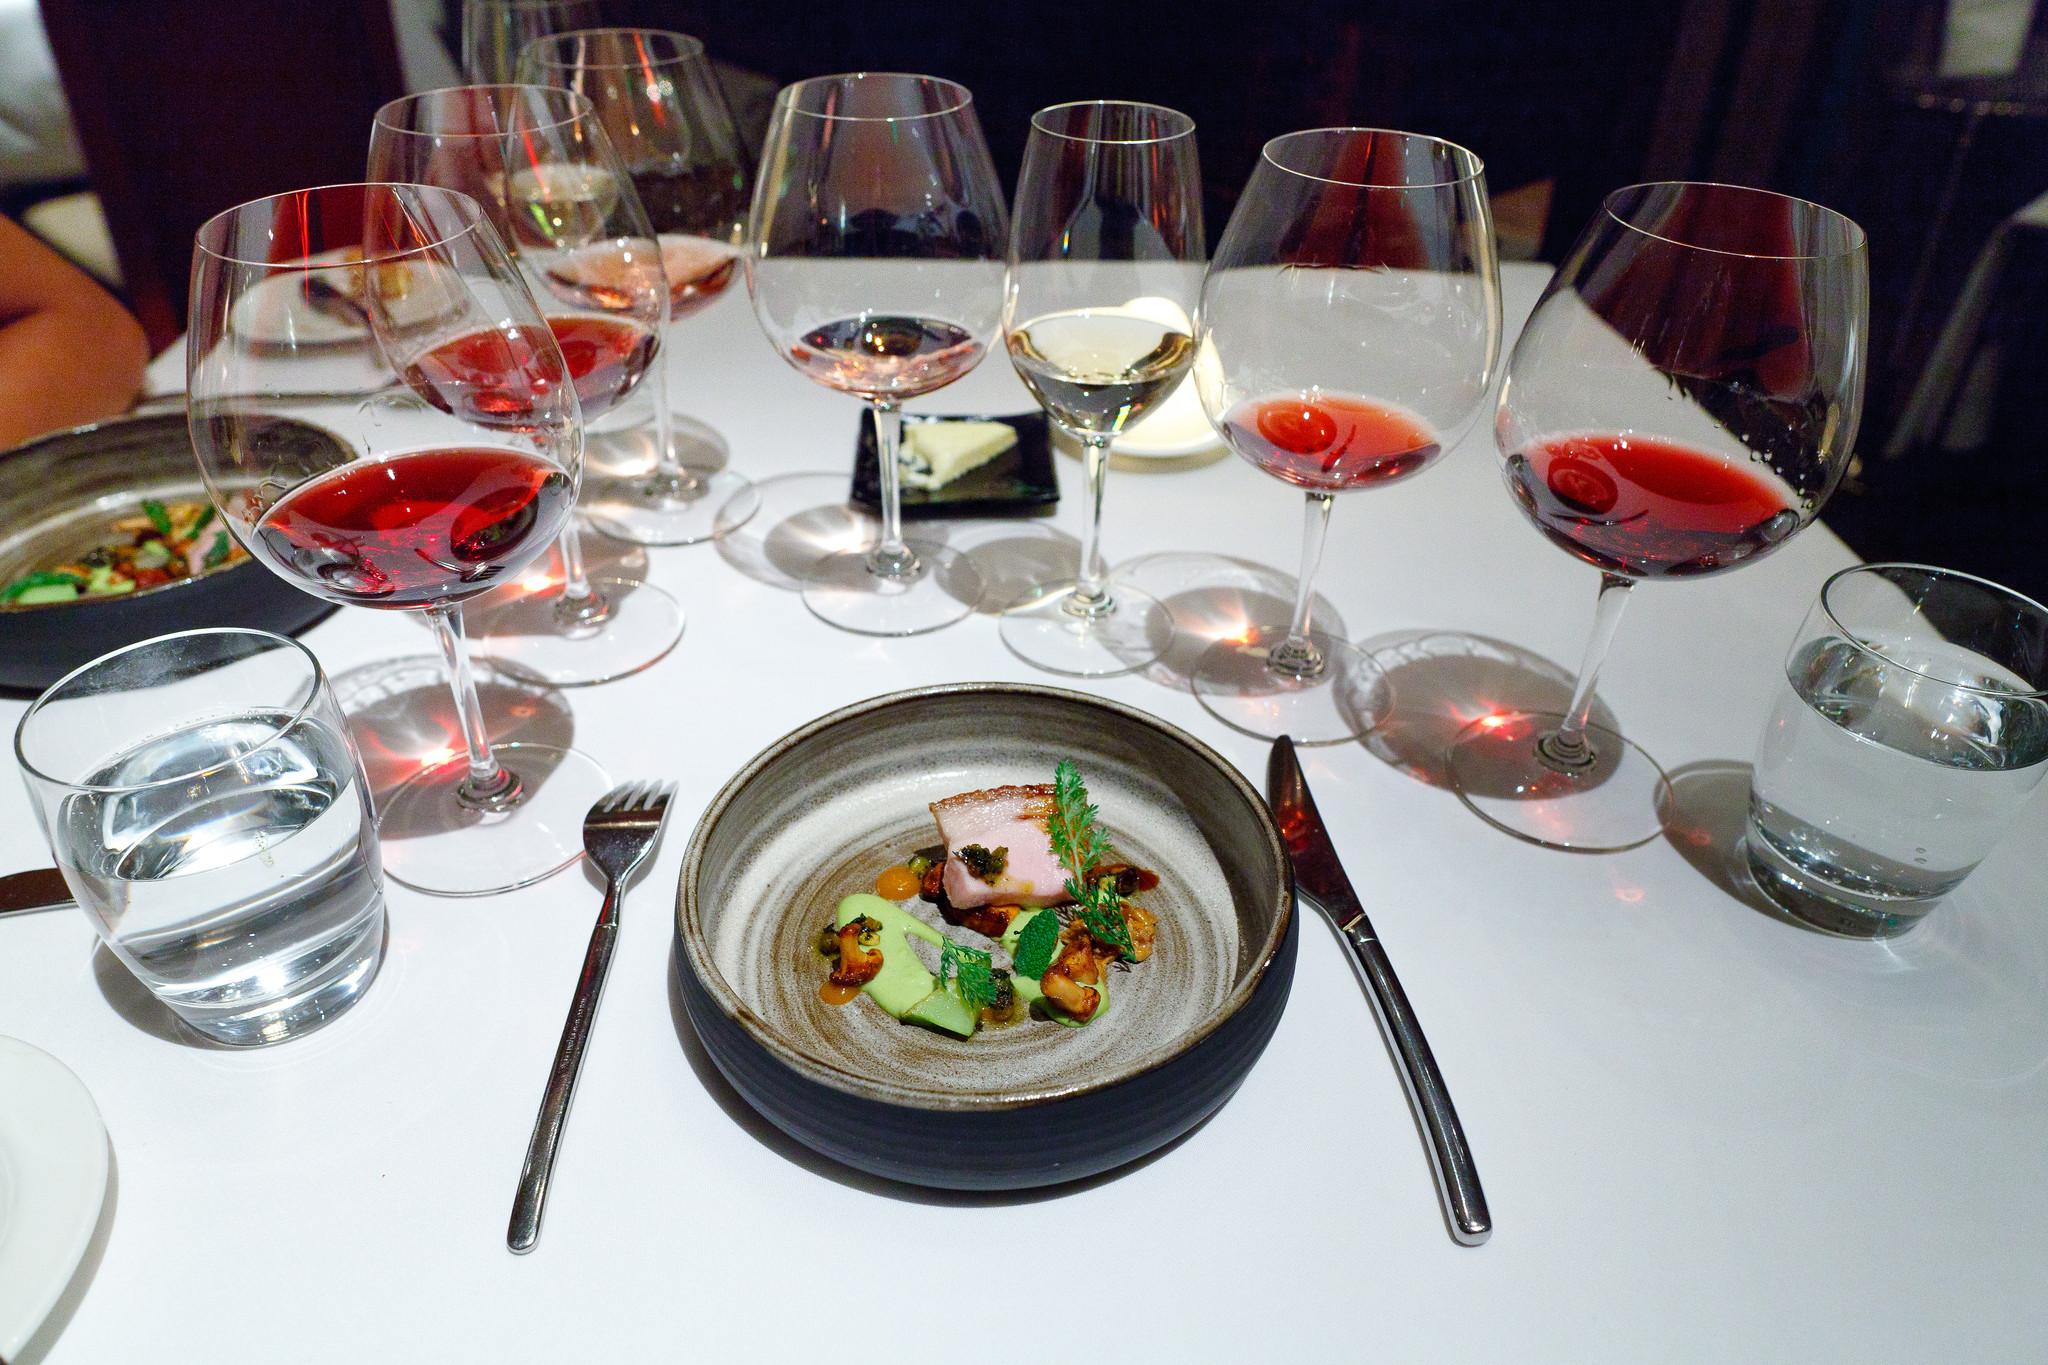 14th Course - Suckling porcelet, chanterelle mushrooms, apricots and anise purée, courgette velouté, pistachio pesto